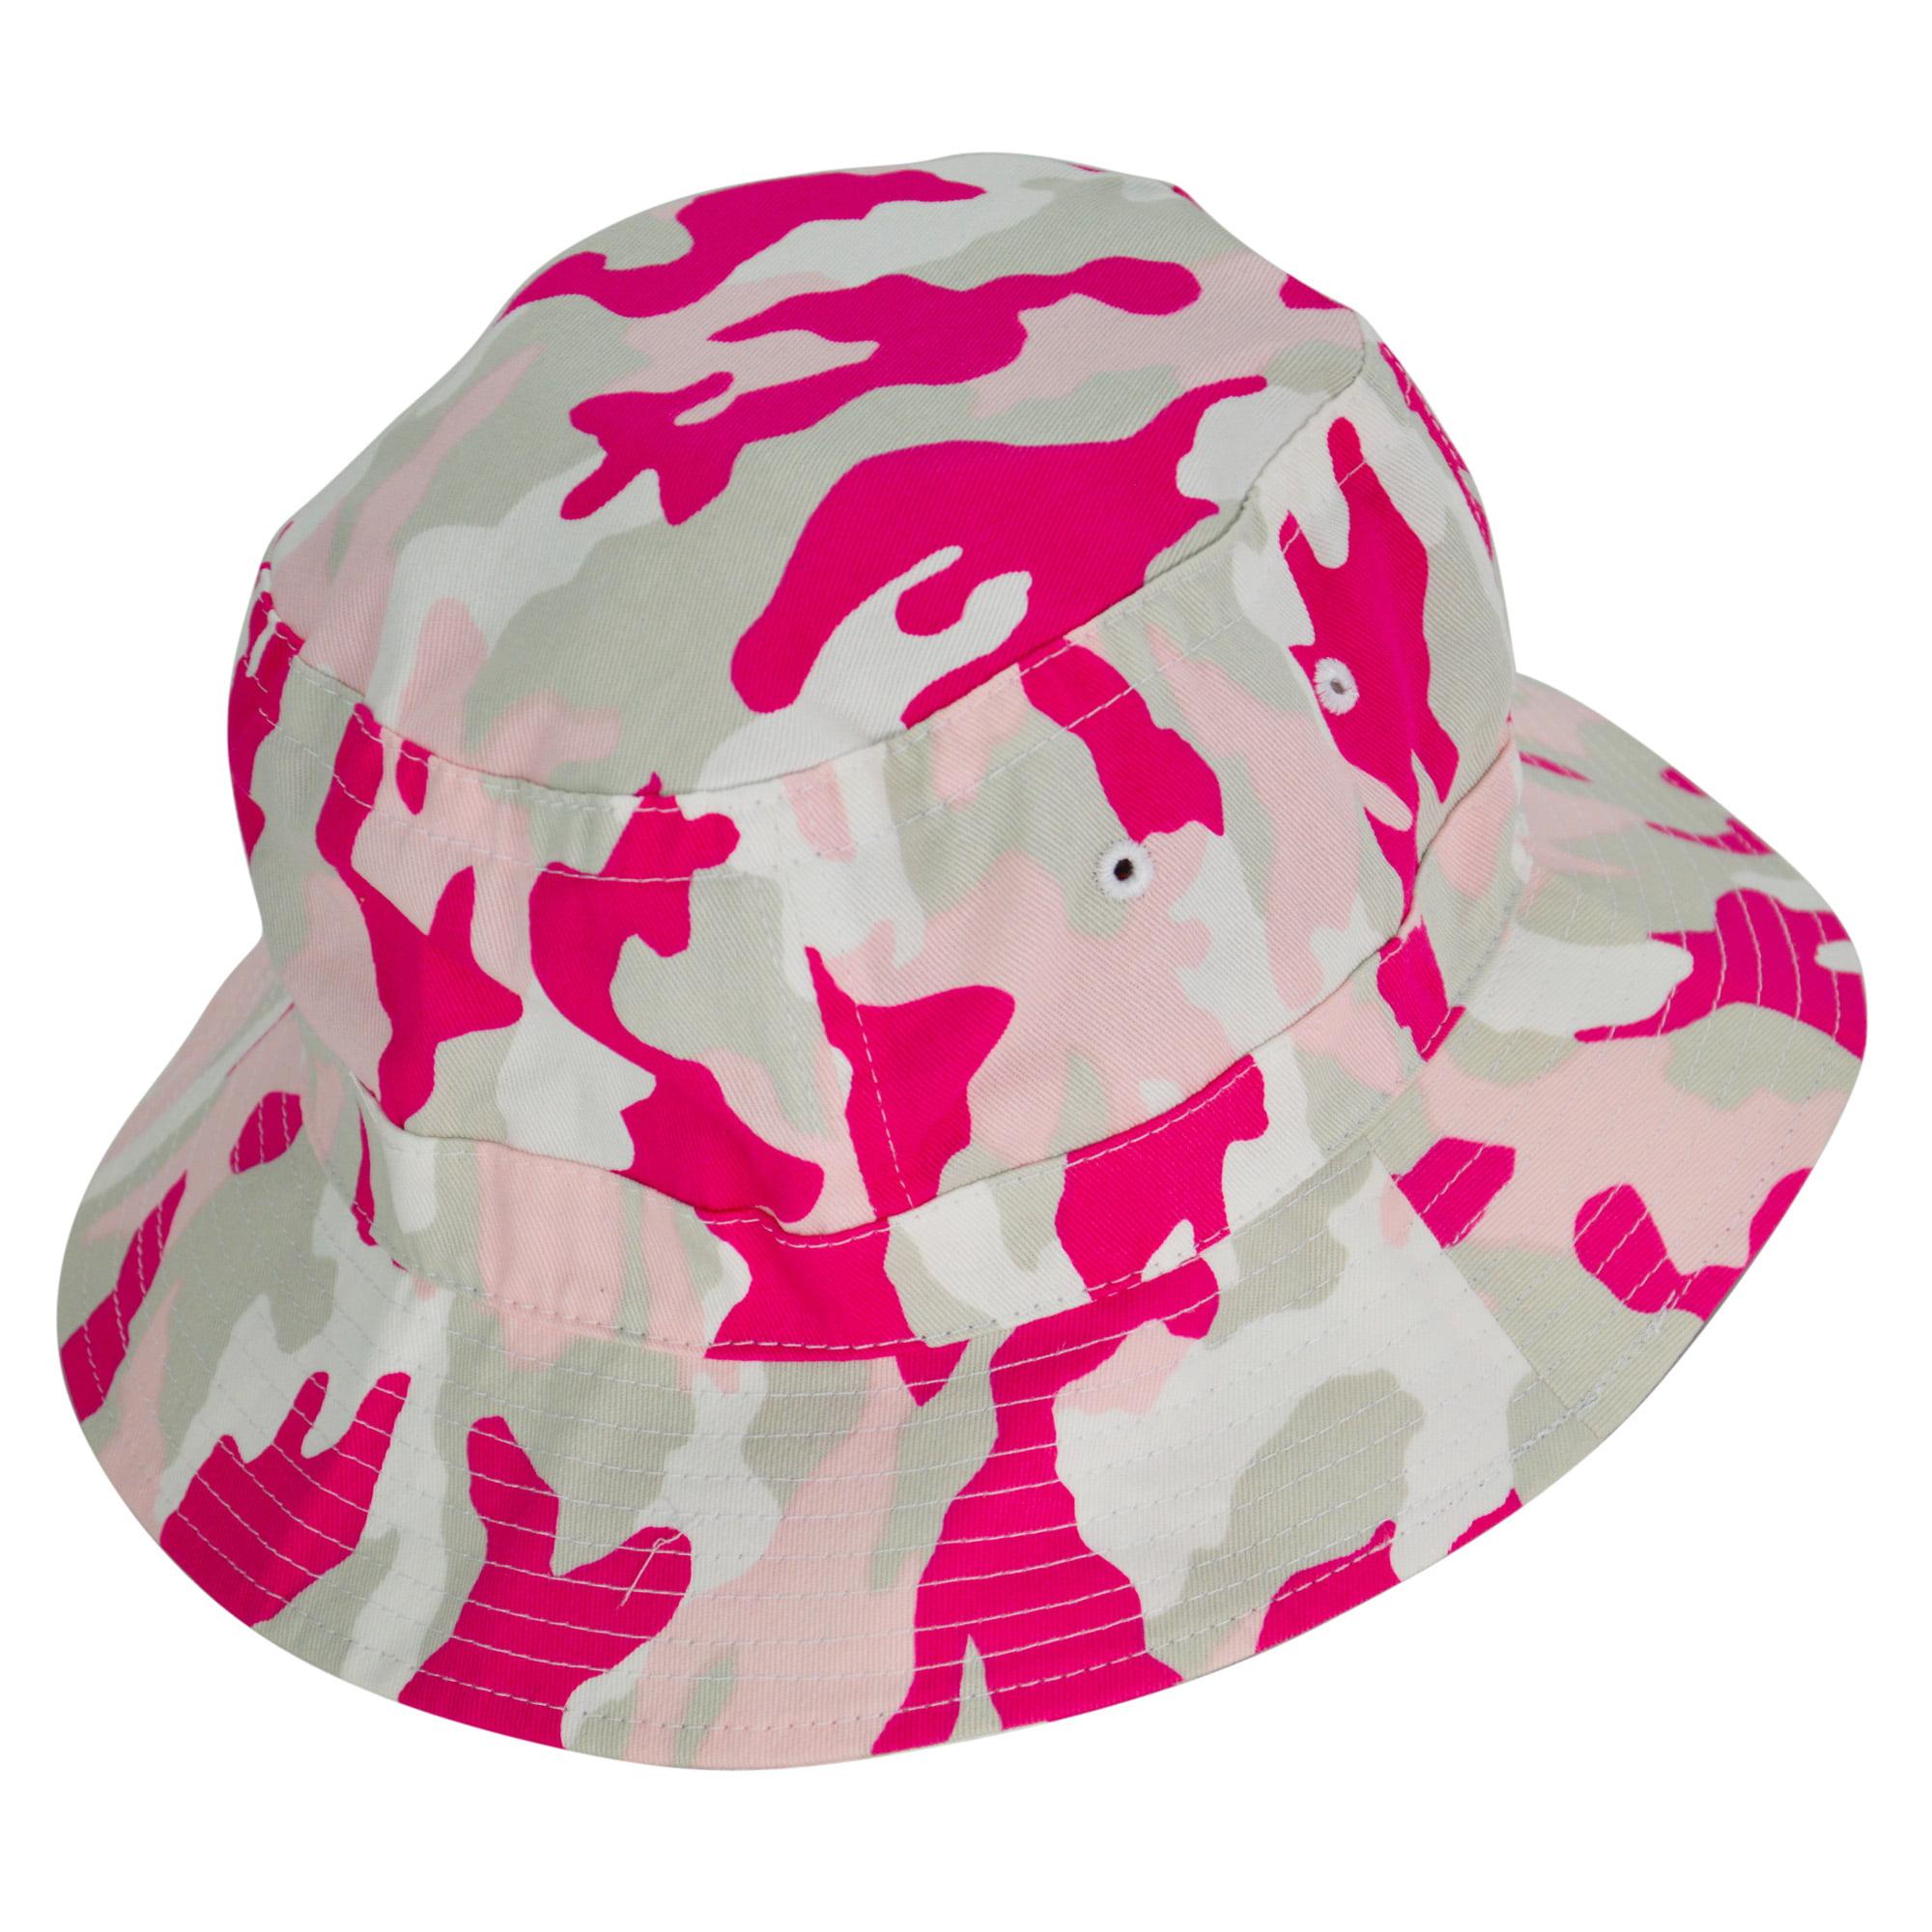 DALIX Pink Camouflage Washed Cotton Bucket Hat -Extra Large 7 3/8 ...